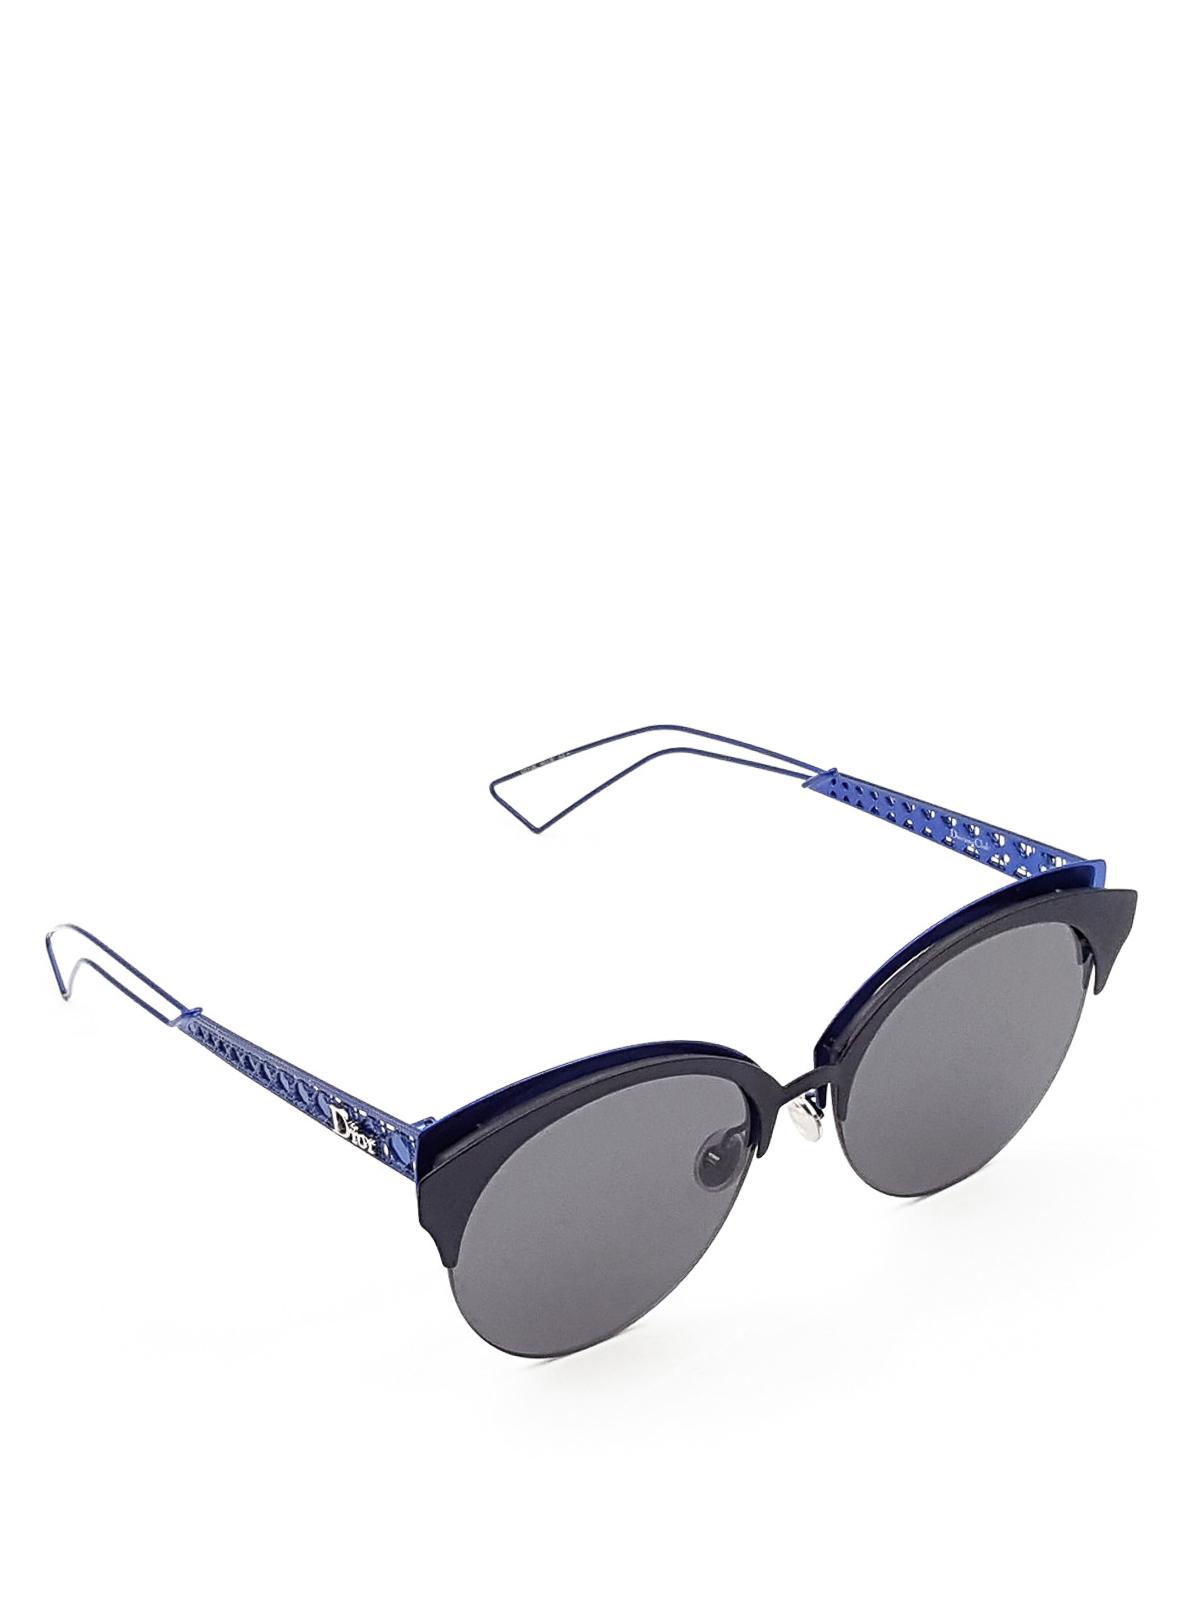 743a362f46289 Dior Women Sunglasses White Black